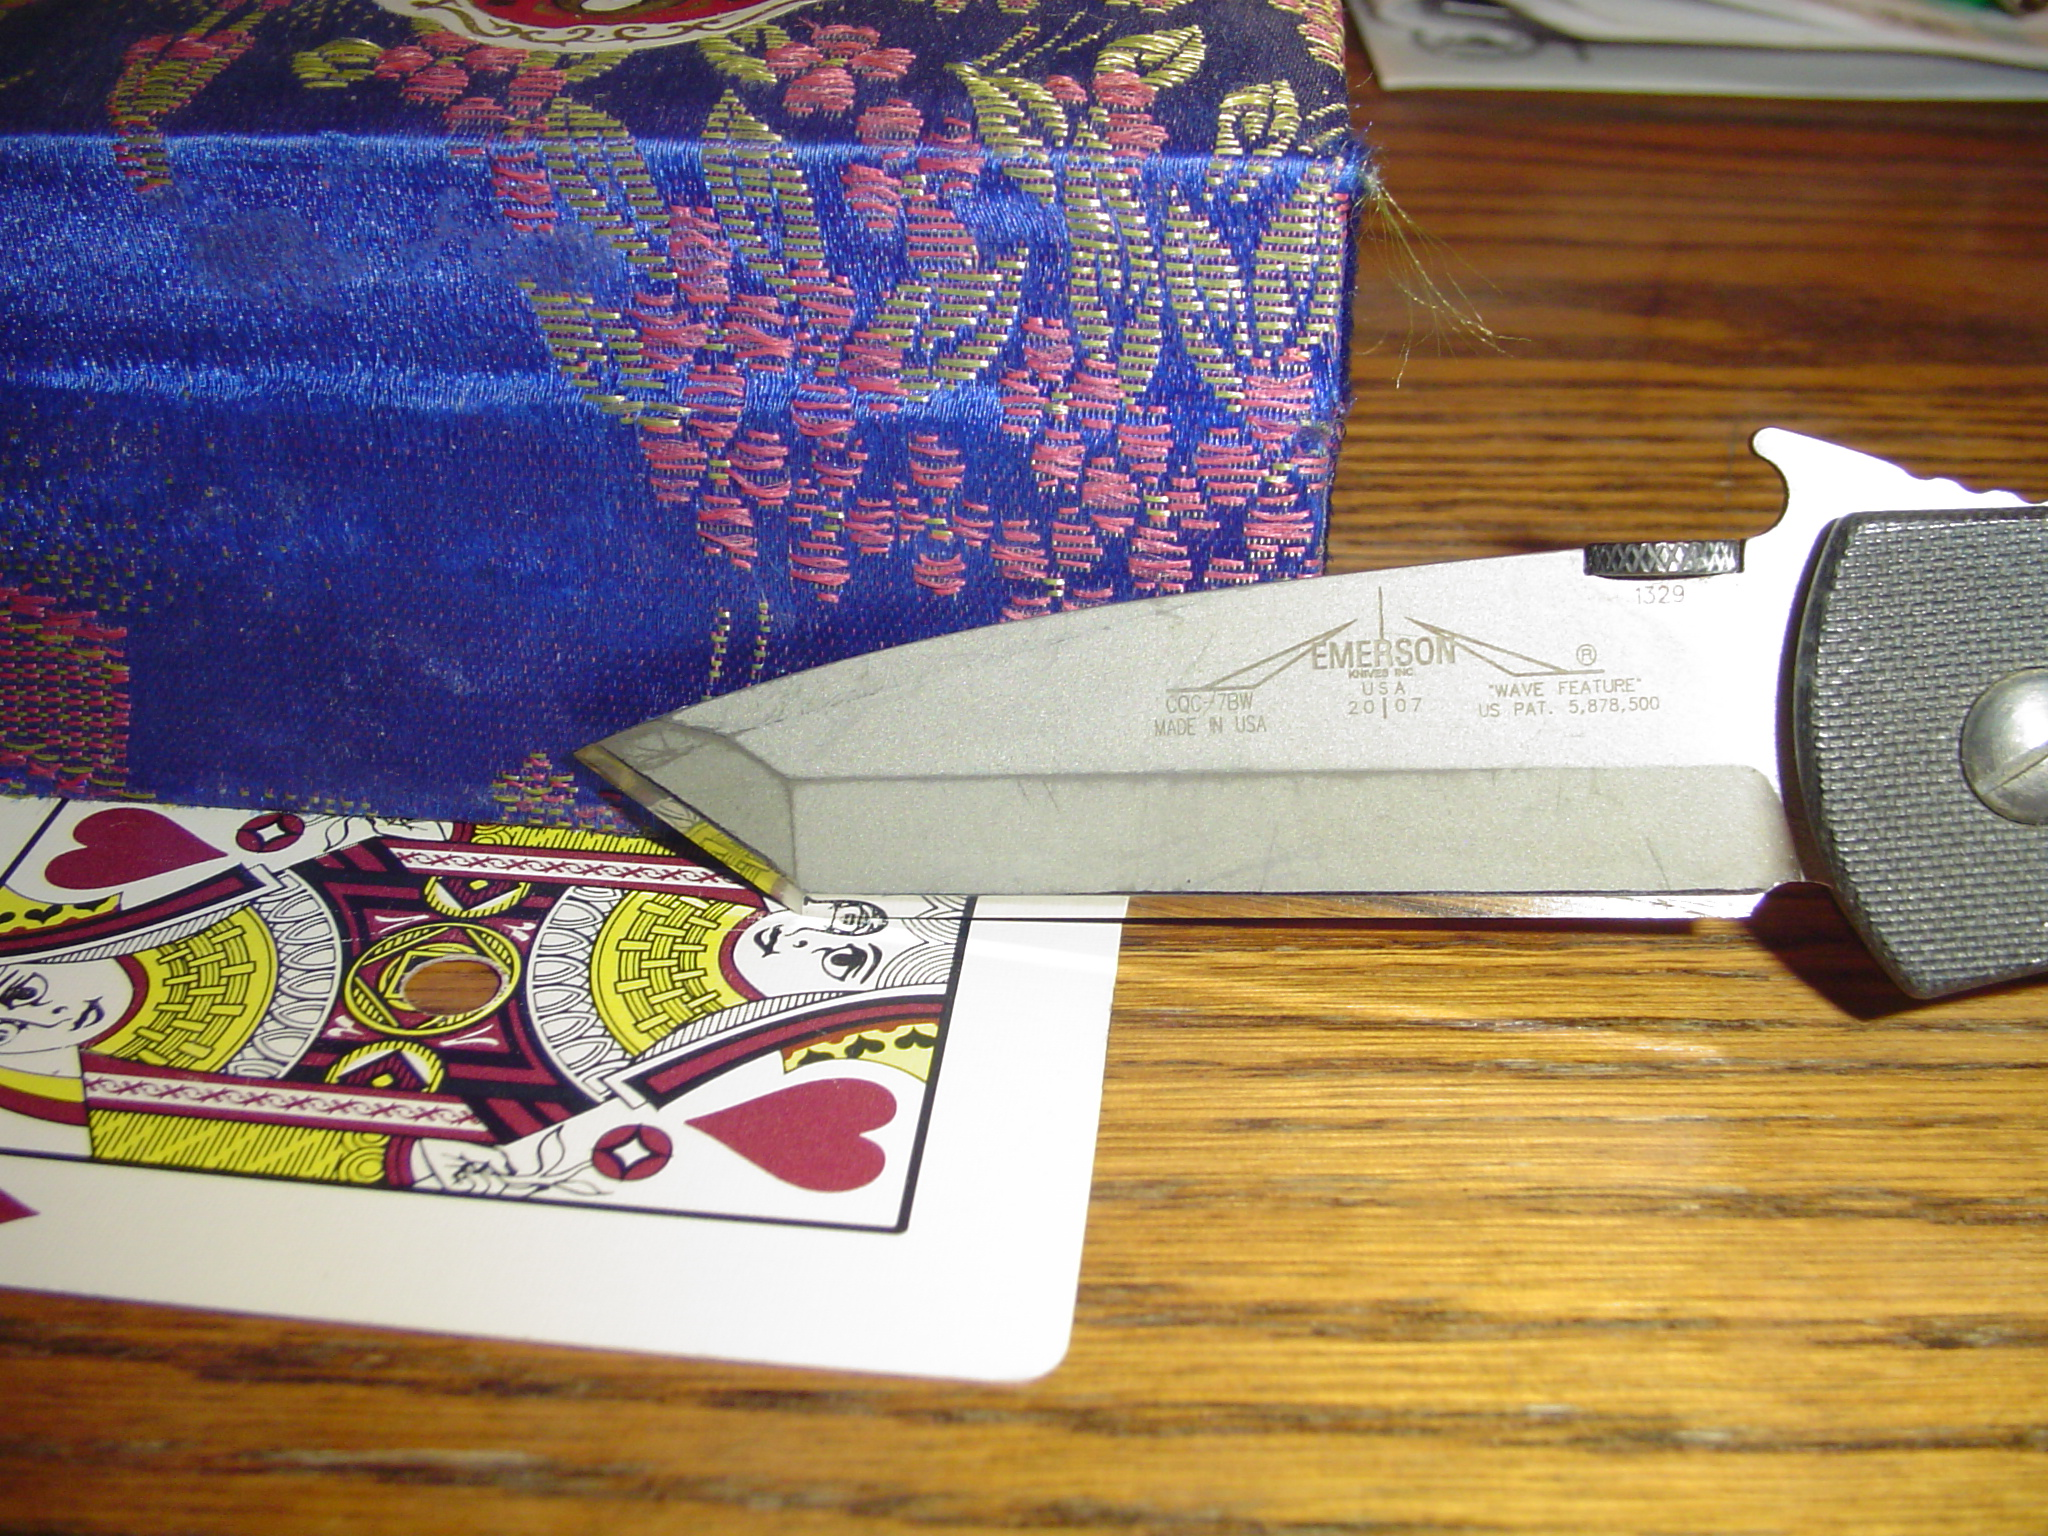 KUSA's knife.-dsc02829.jpg